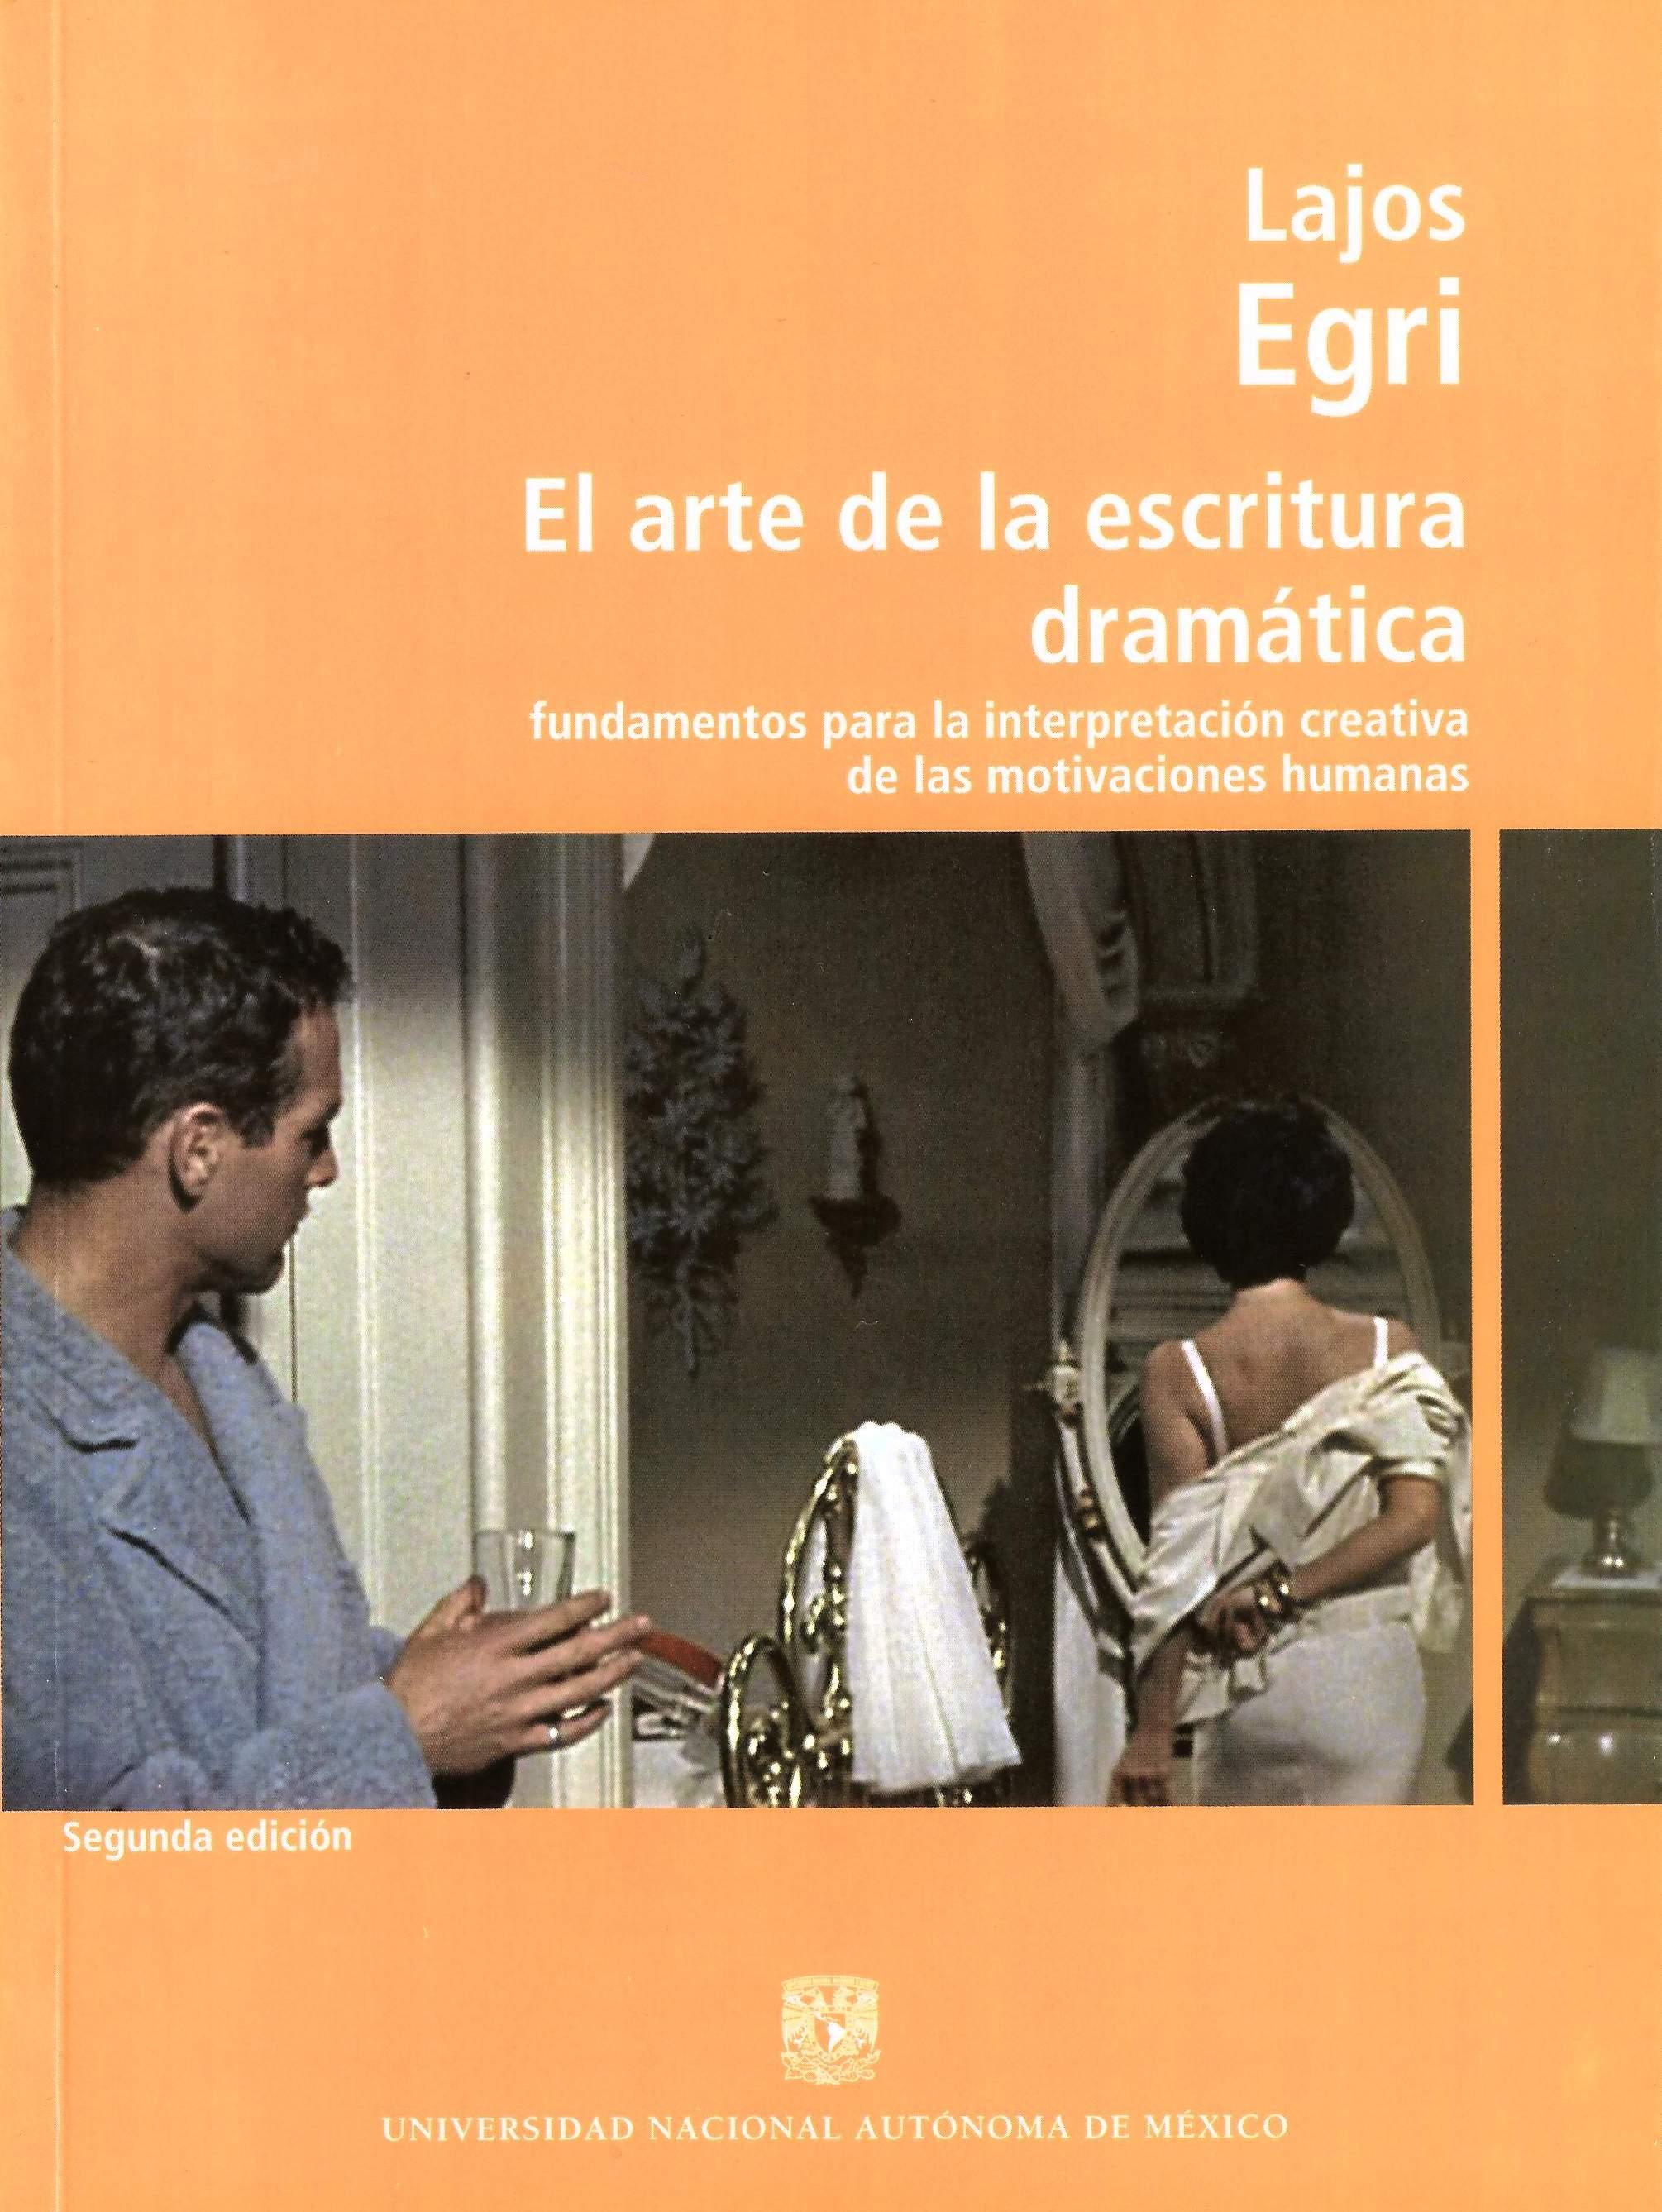 El arte de la escritura dramática: fundamentos para la interpretación creativa de las motivaciones